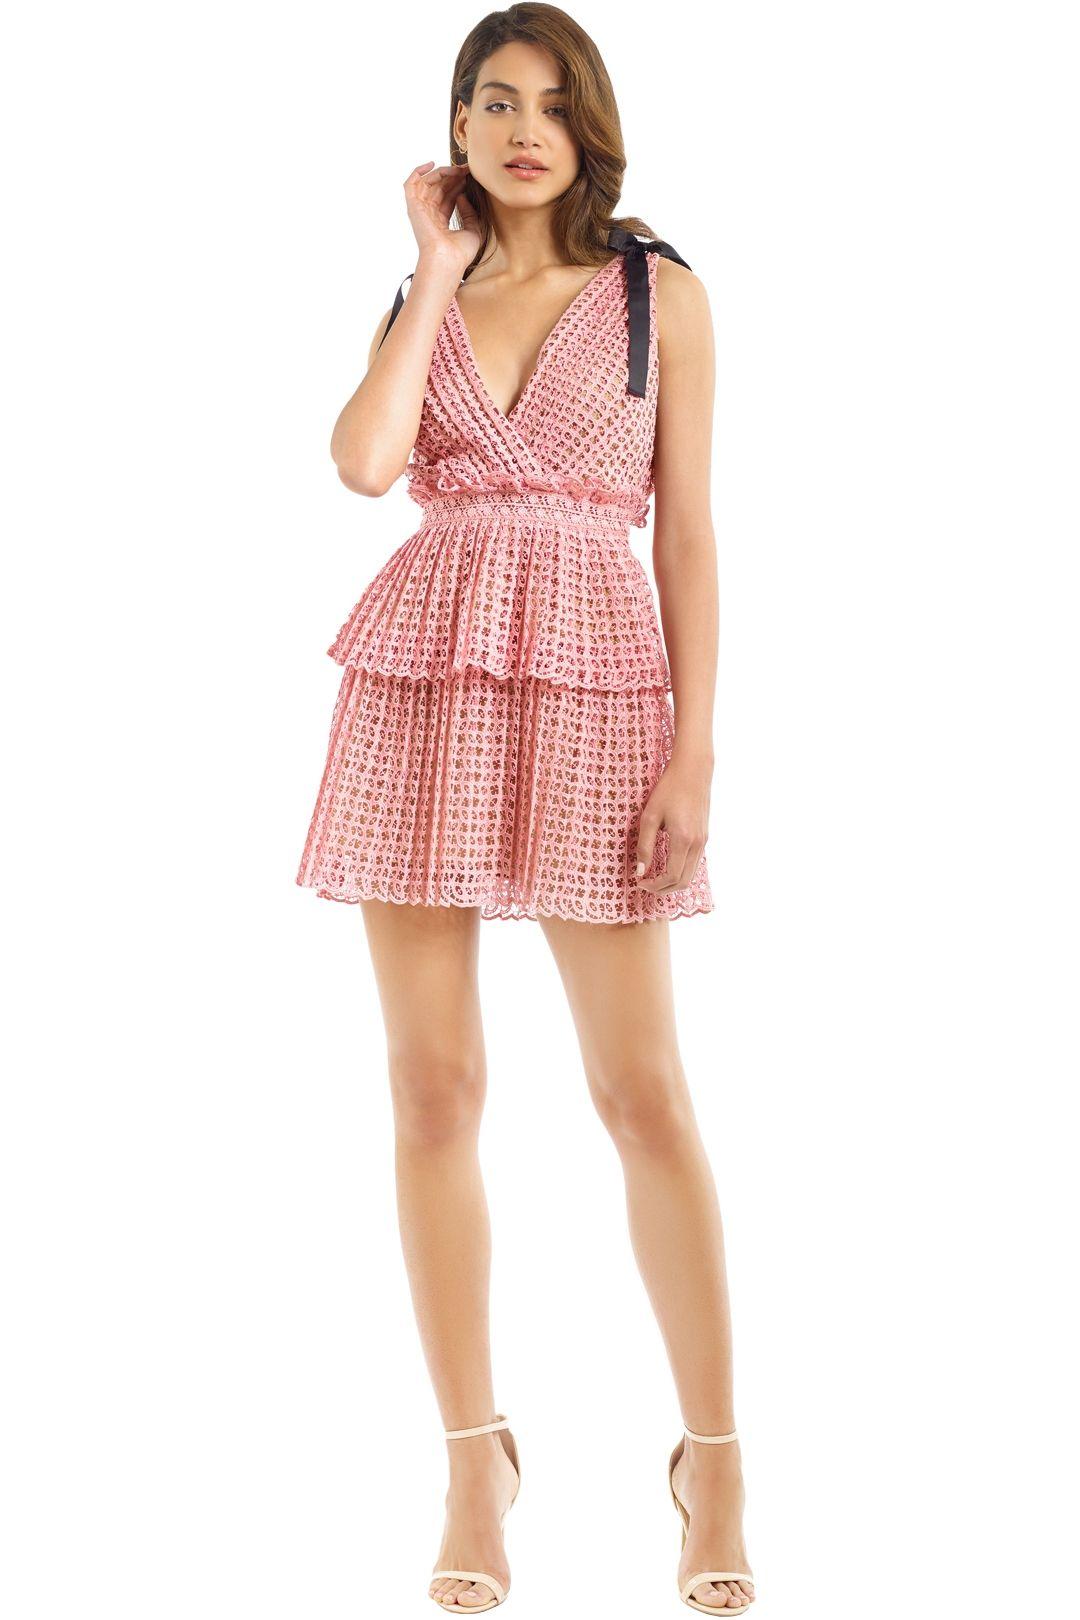 Self Portrait - Cutwork Mini Dress - Pink - Front